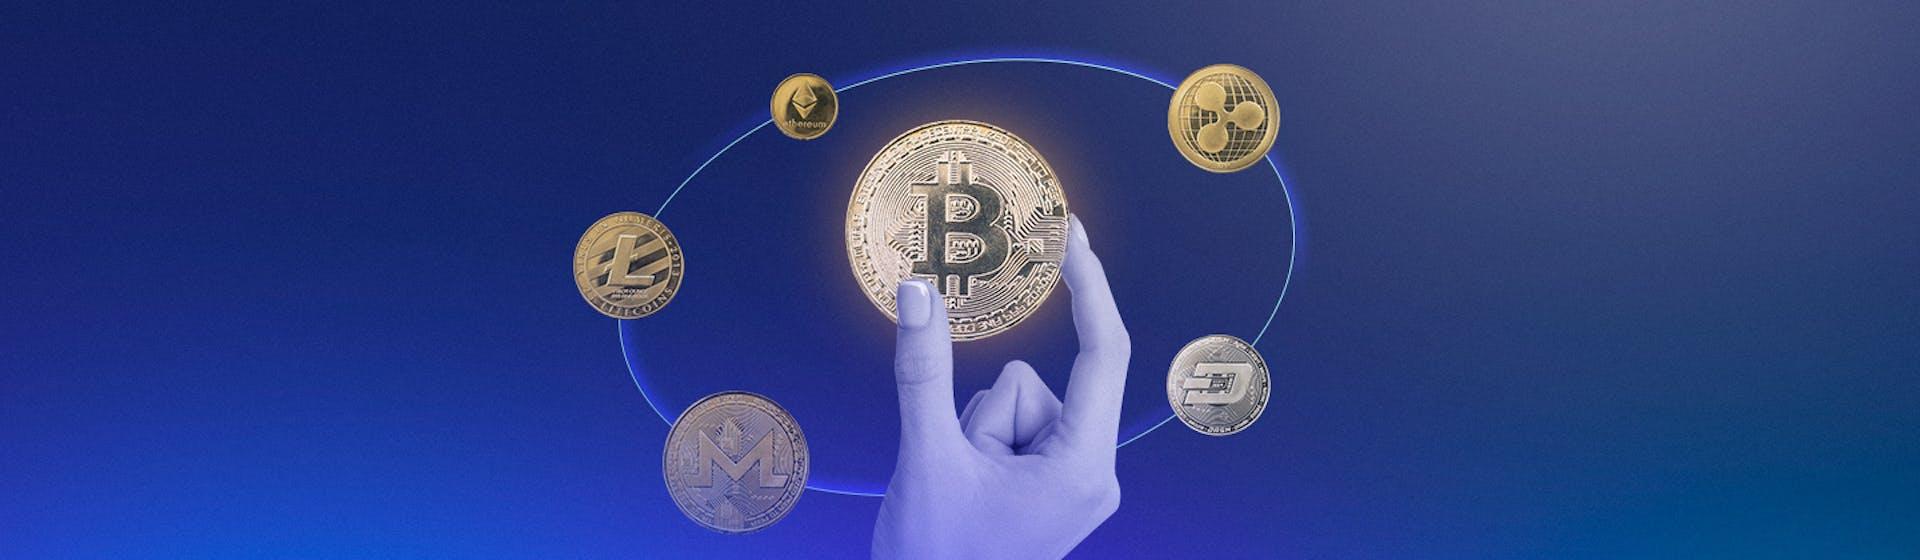 ¿Cómo invertir en criptomonedas? ¡Sumérgete en el mundo de las divisas electrónicas!